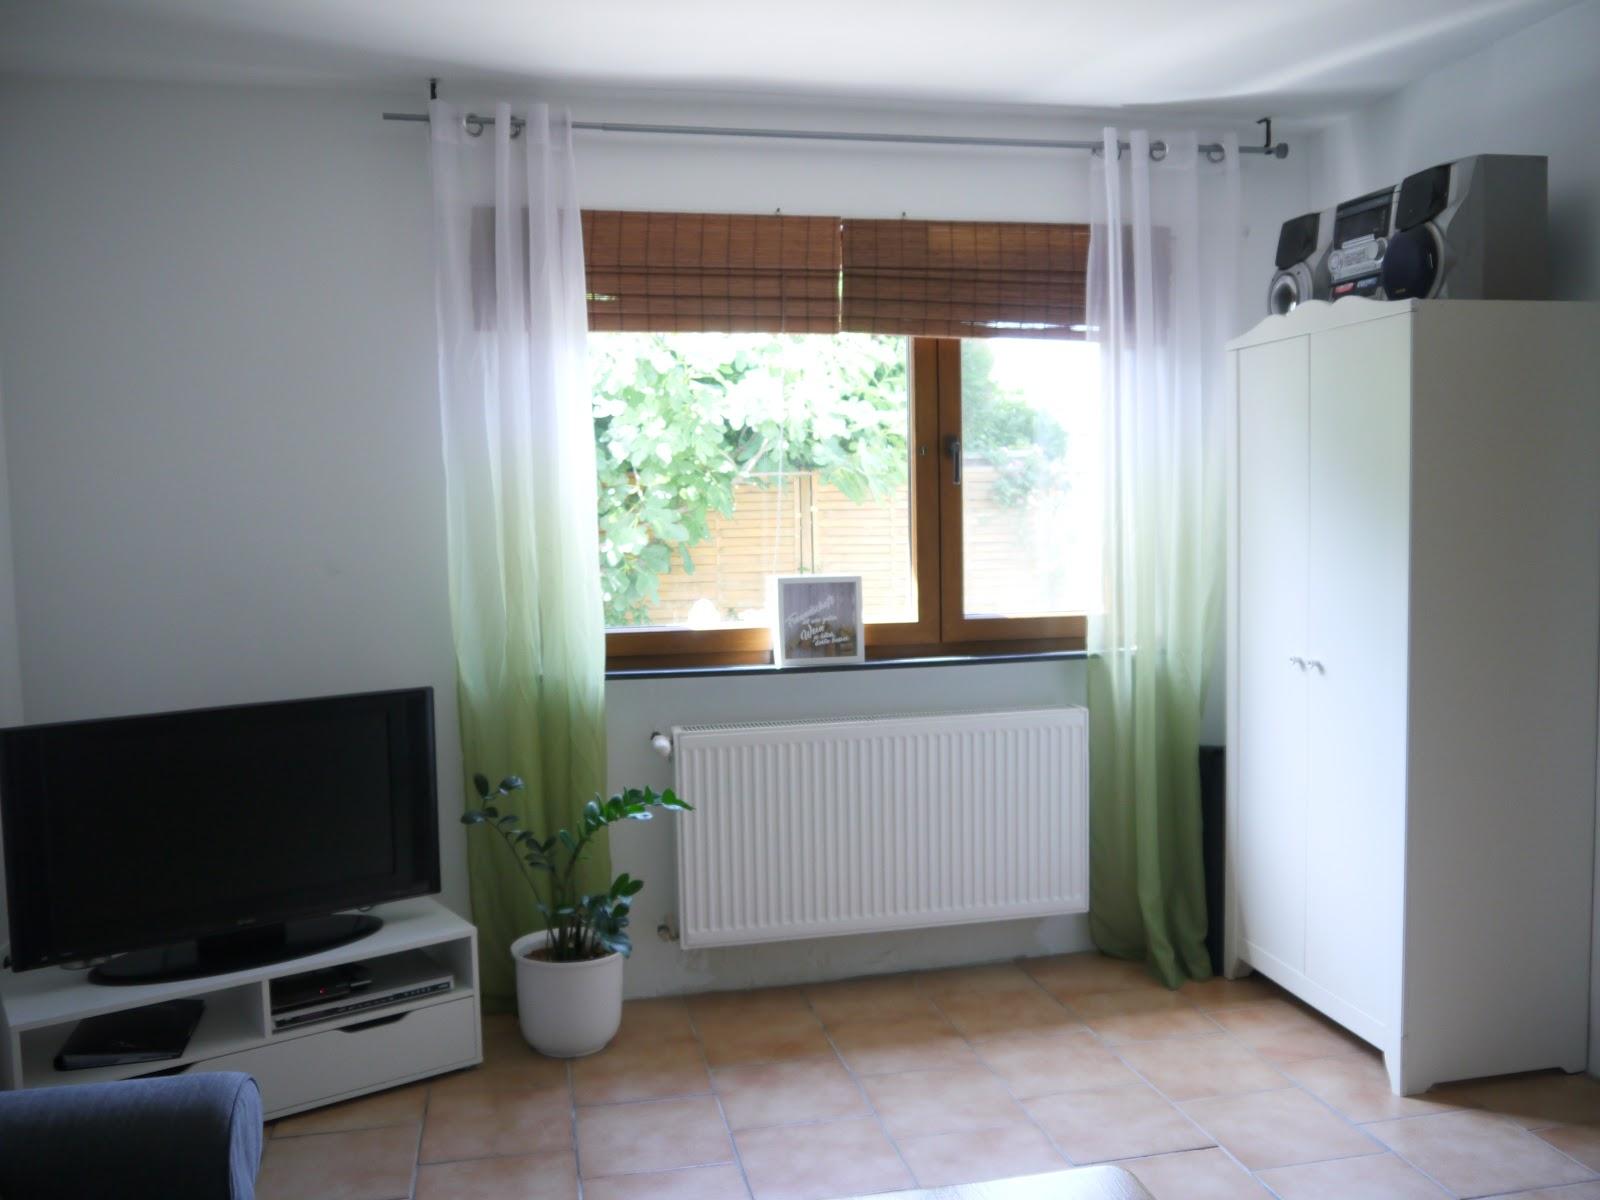 Ferienhaus Walldorf Wohnzimmer